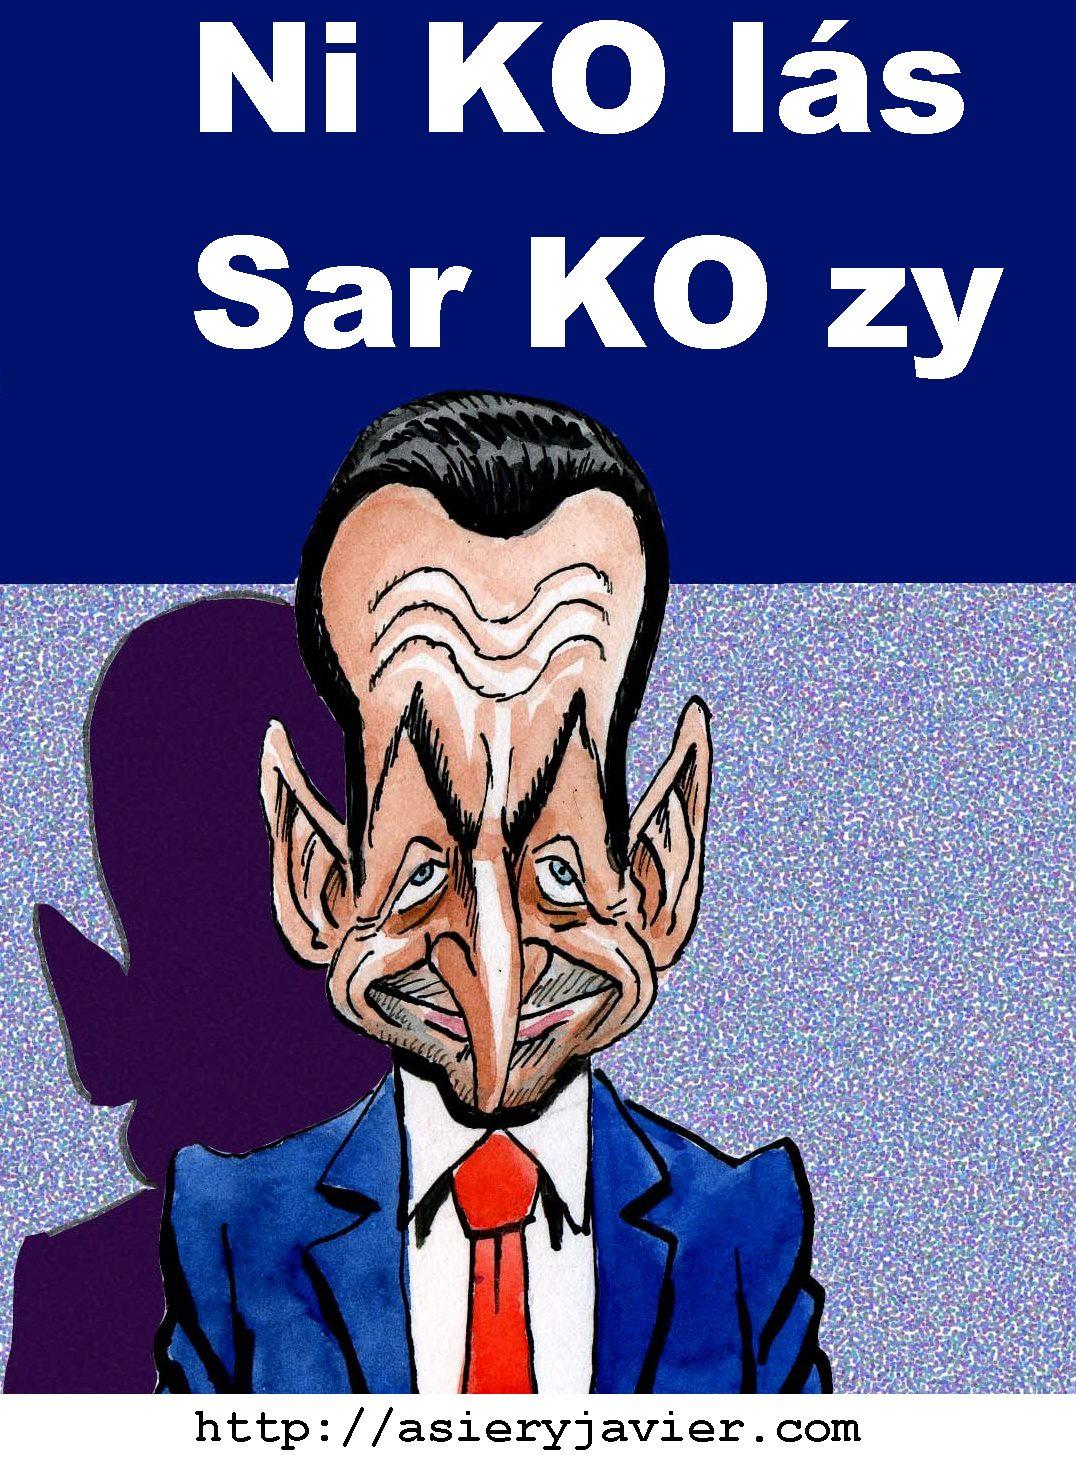 Sarkozy, imputado por corrupción. Viñeta.